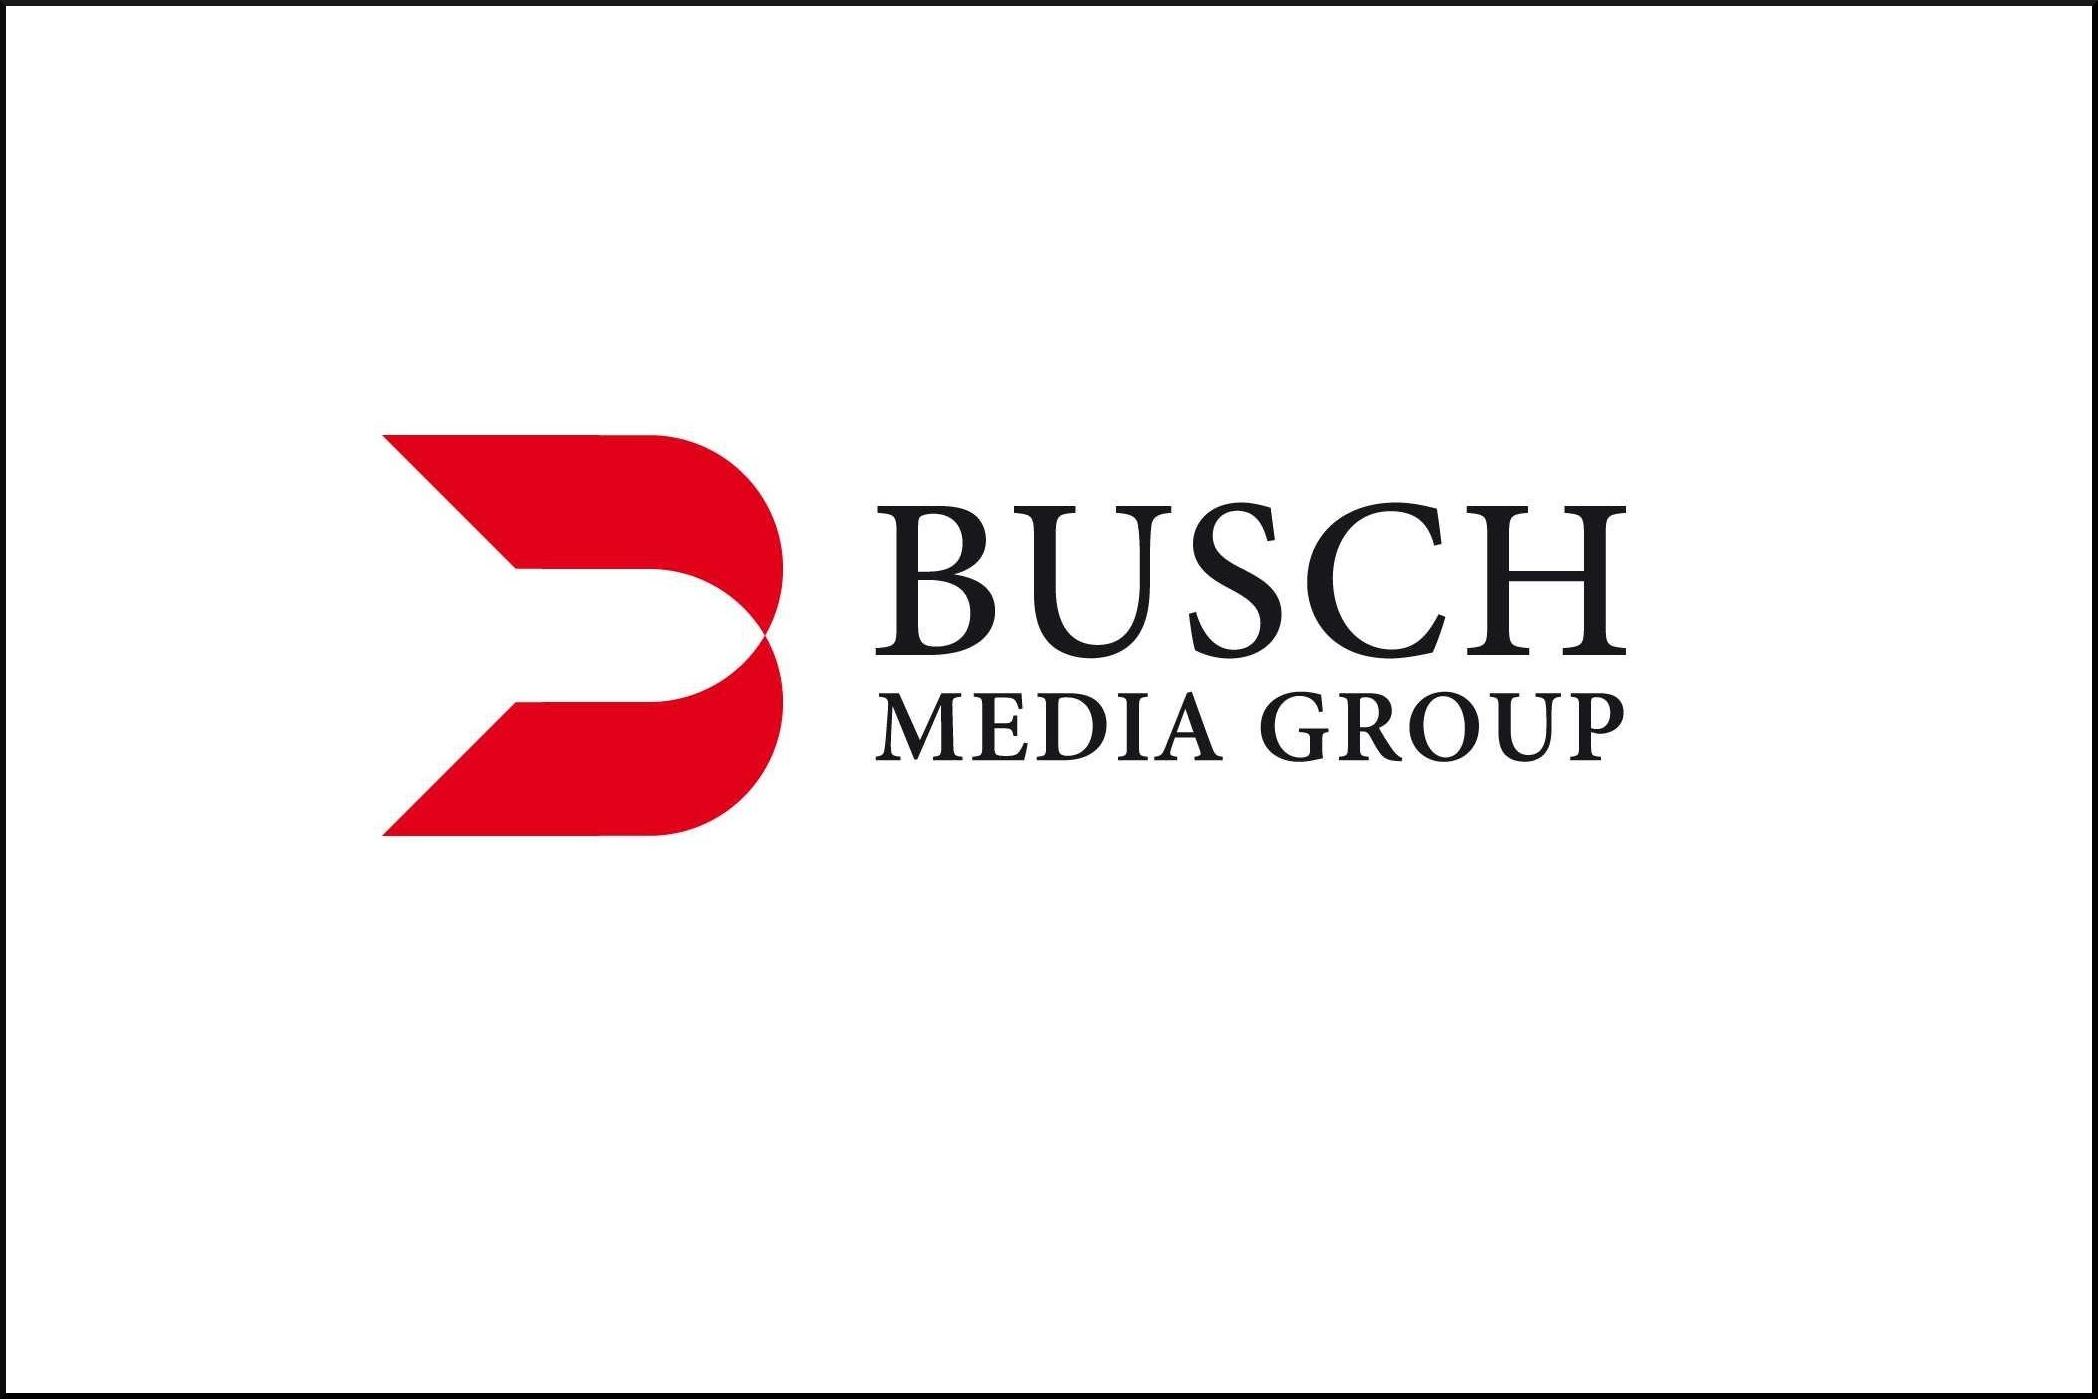 Busch Mediagroup